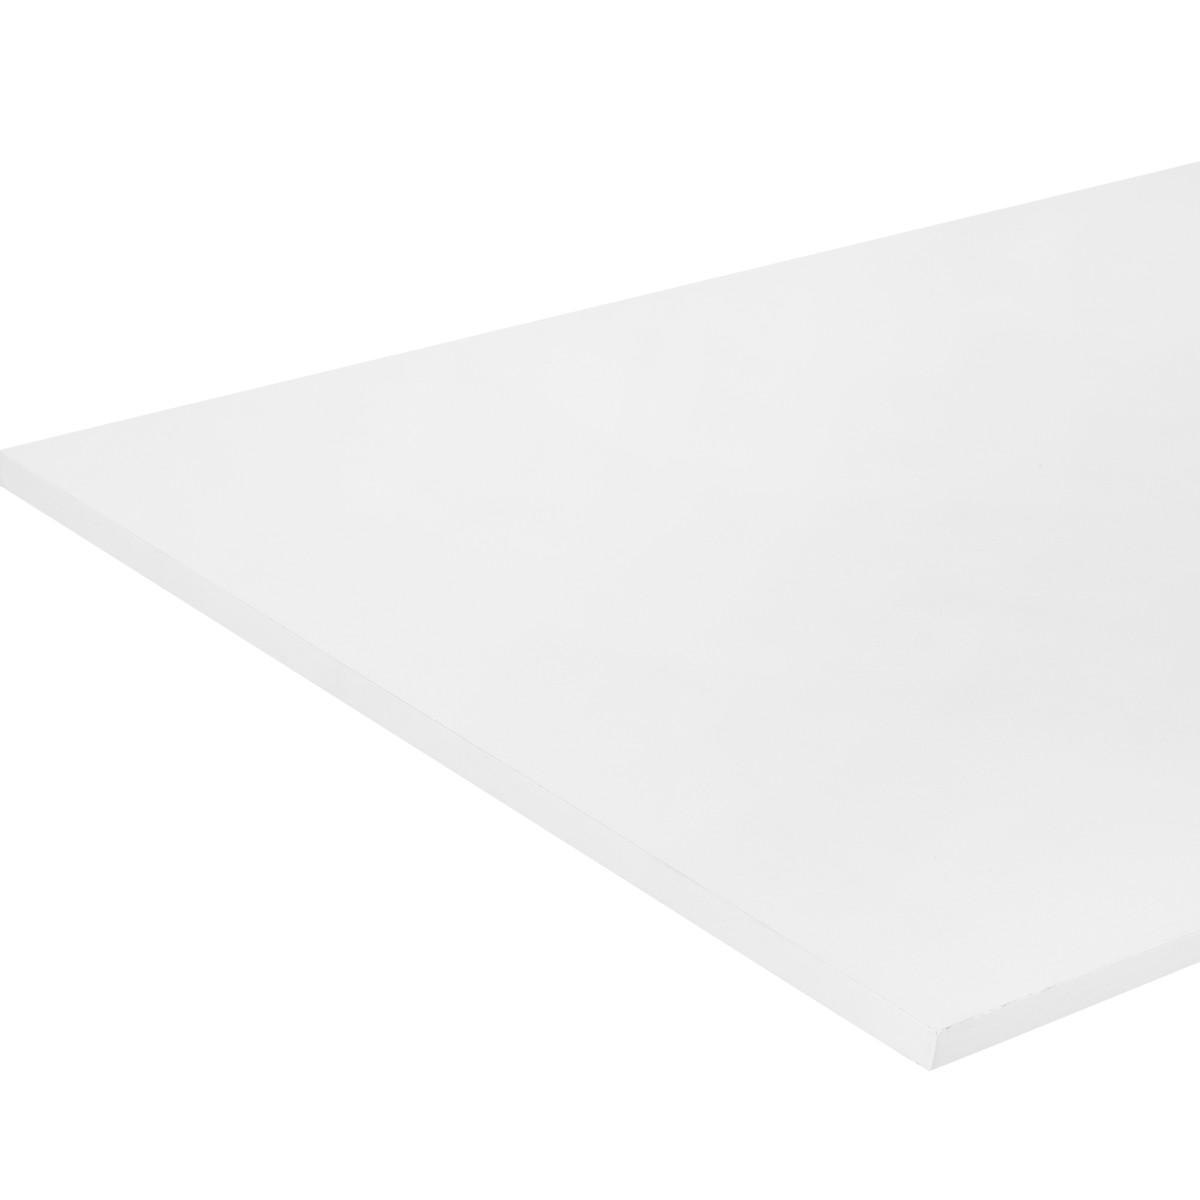 Деталь мебельная 2000x600x16 мм ЛДСП цвет белый премиум